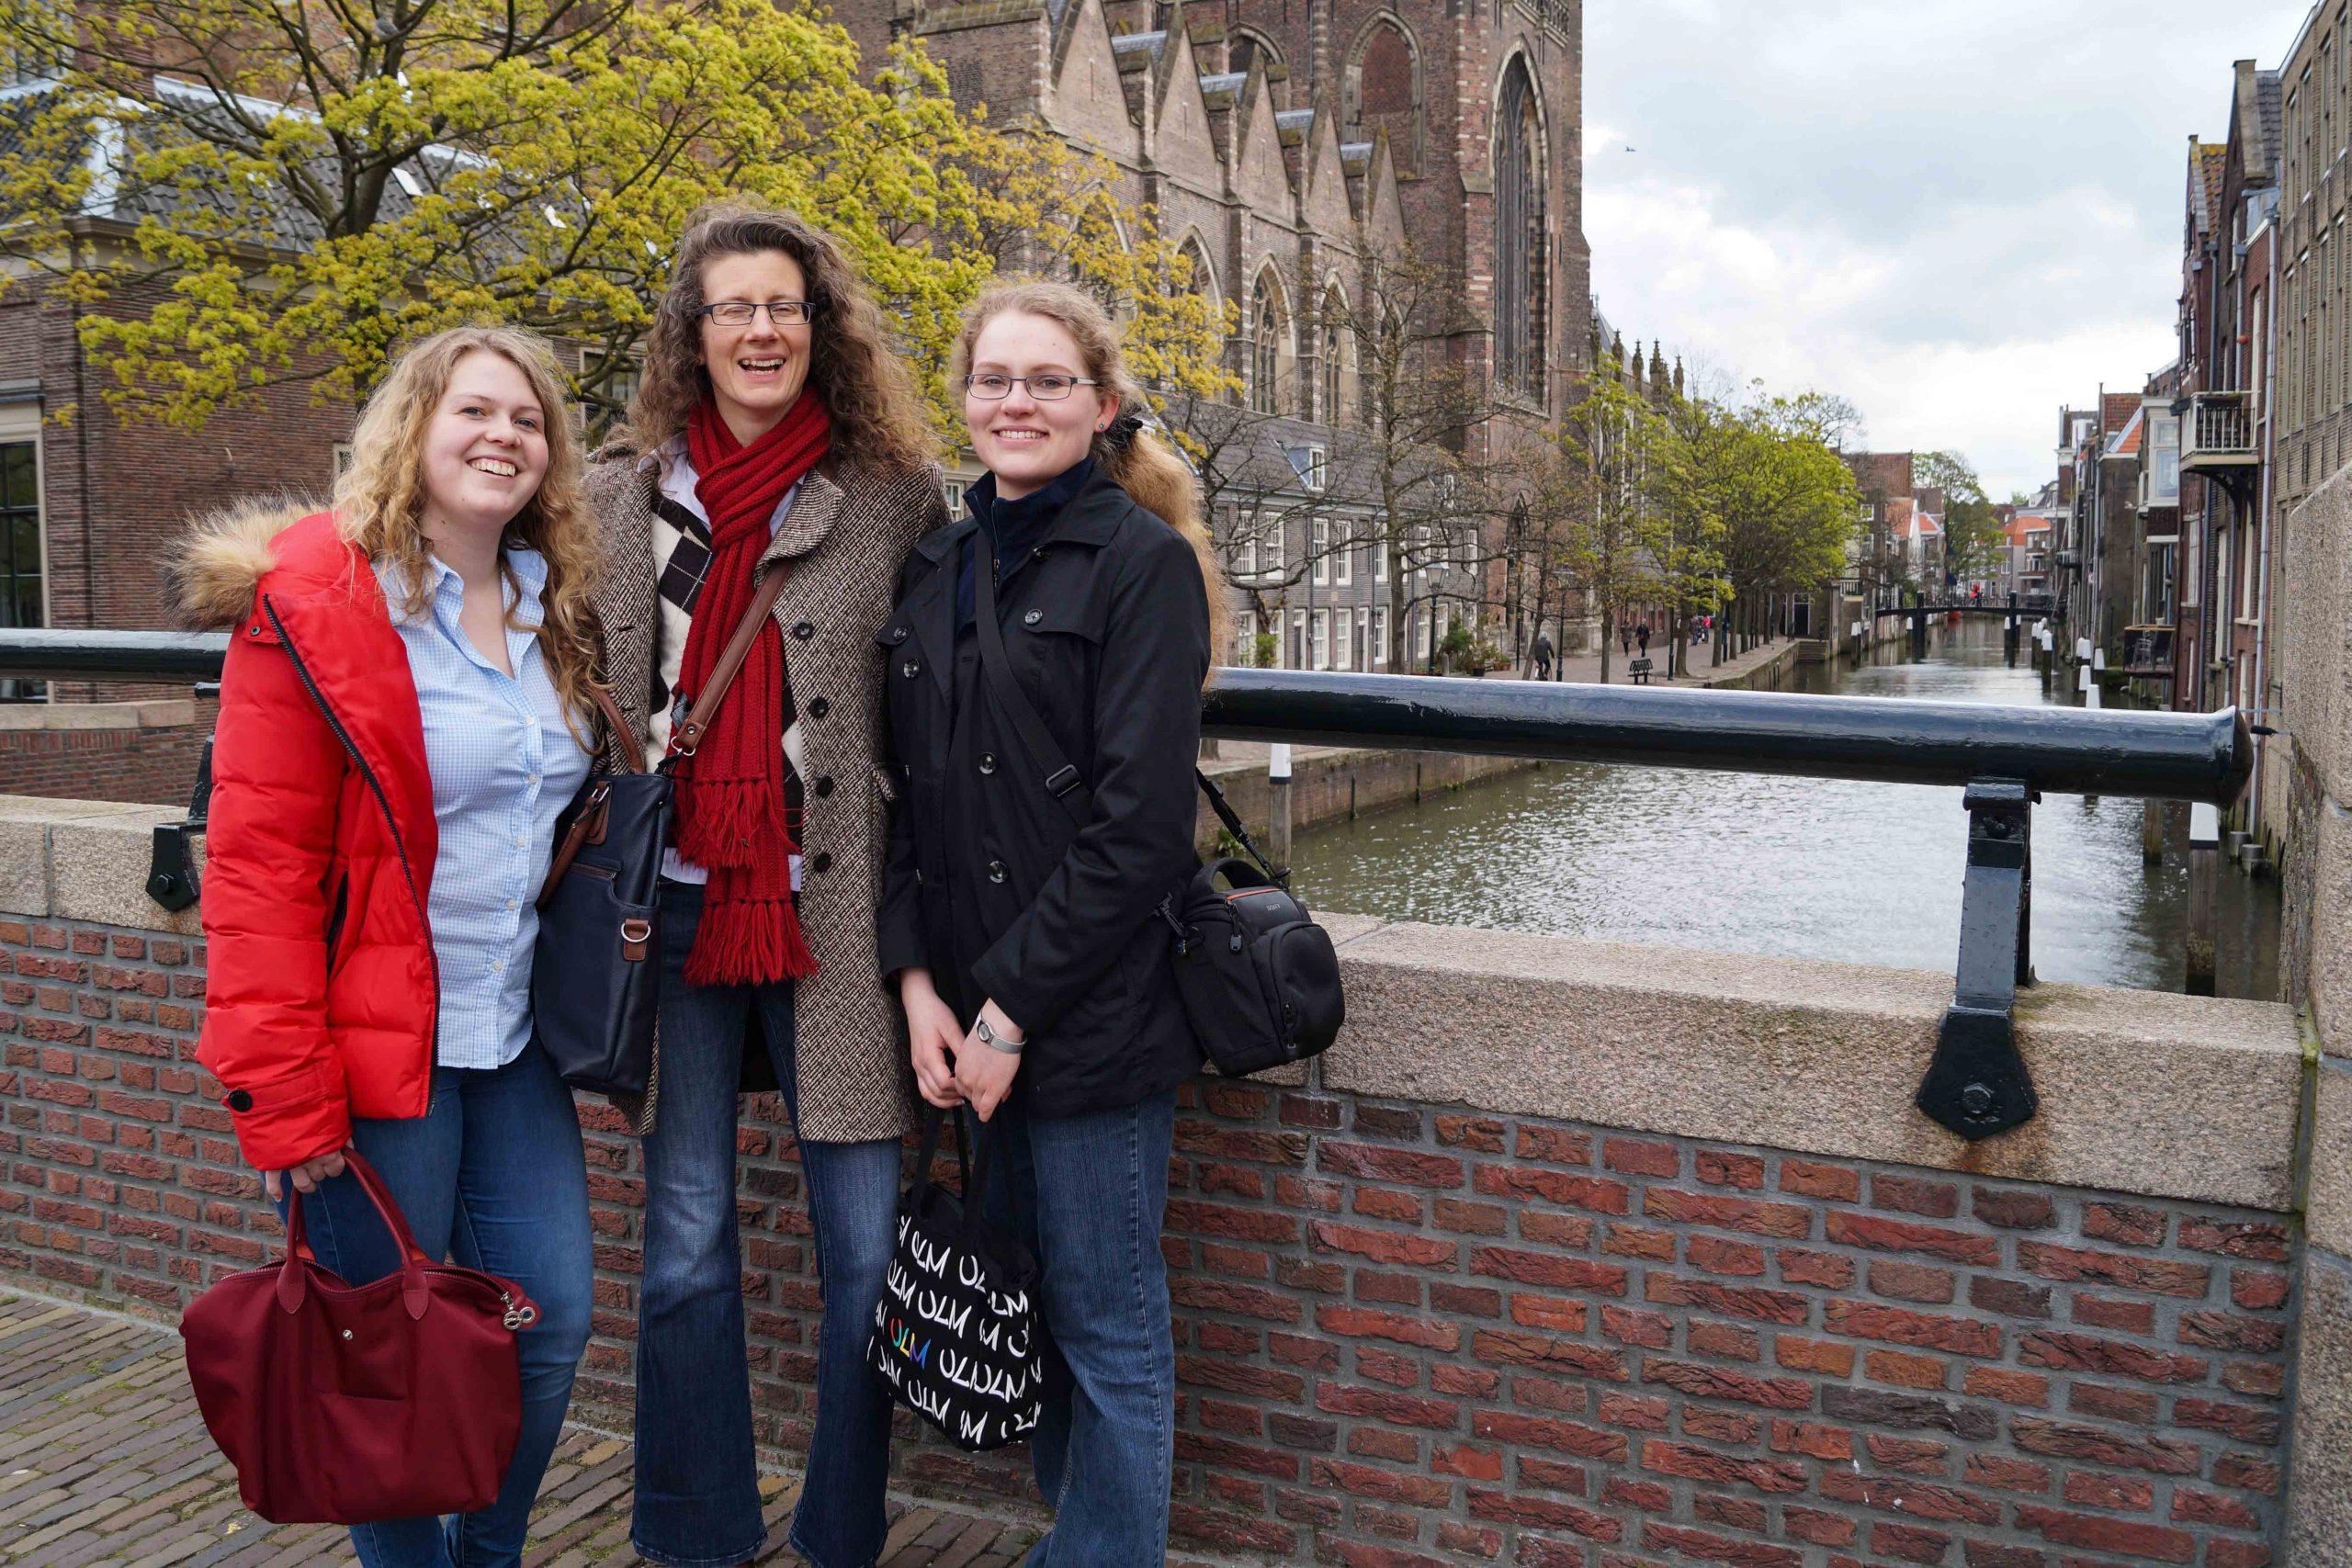 Gruppenfoto in Rotterdam